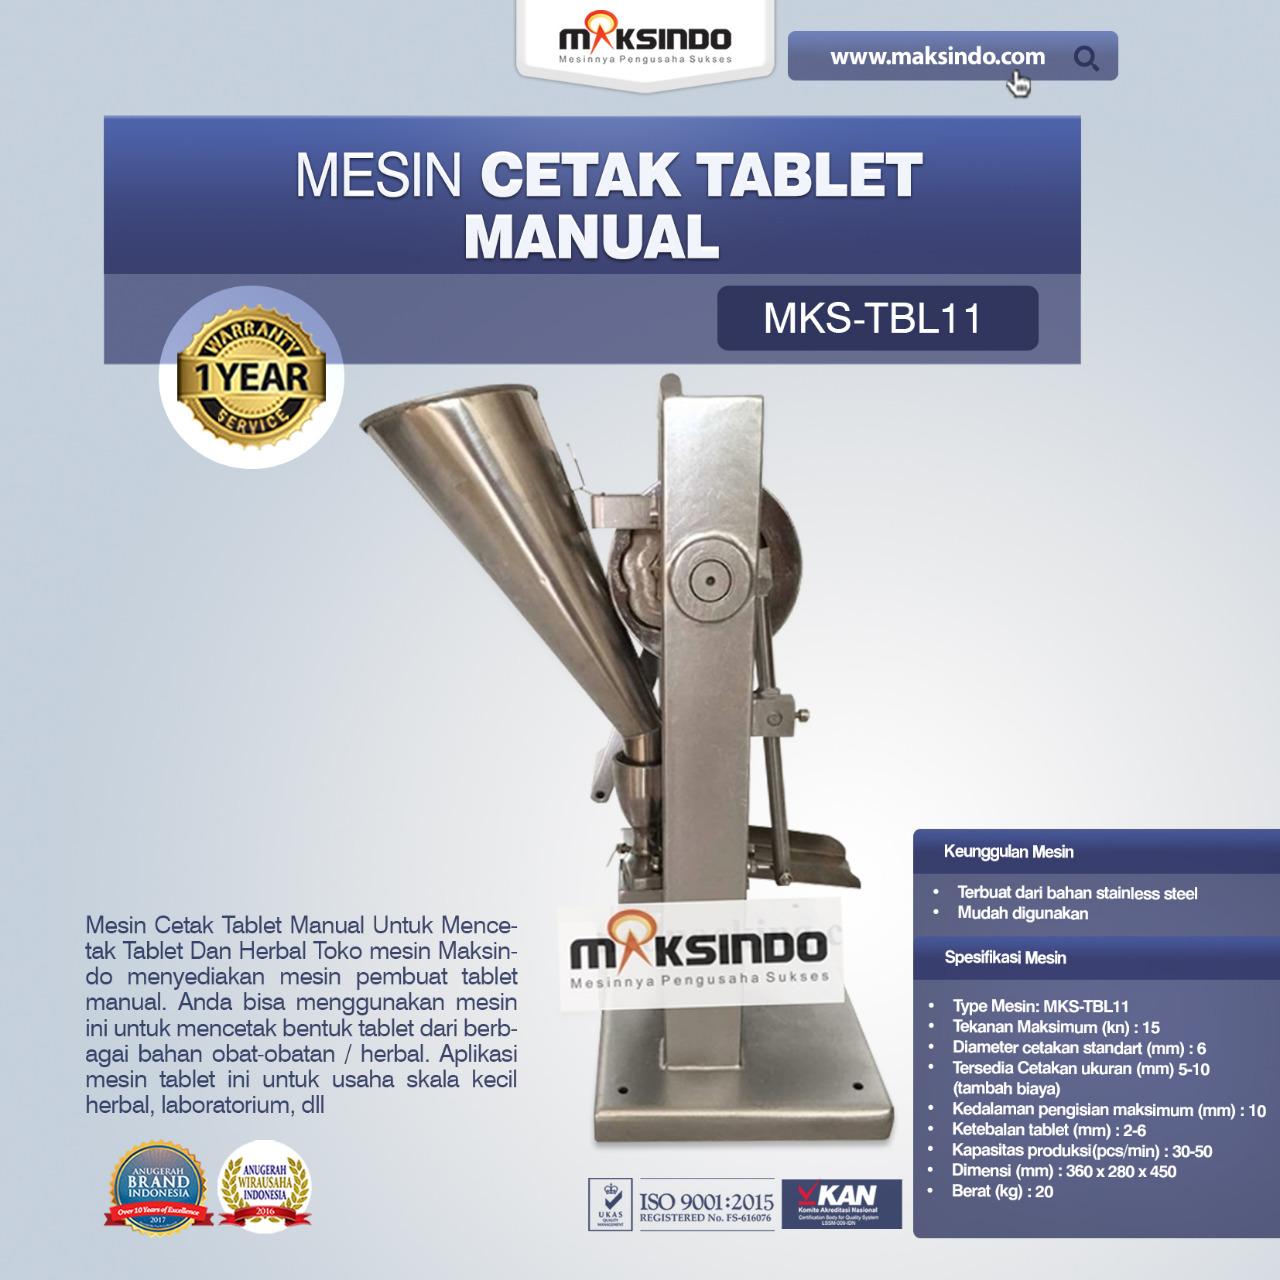 Jual Mesin Cetak Tablet Manual – MKS-TBL11 di Blitar